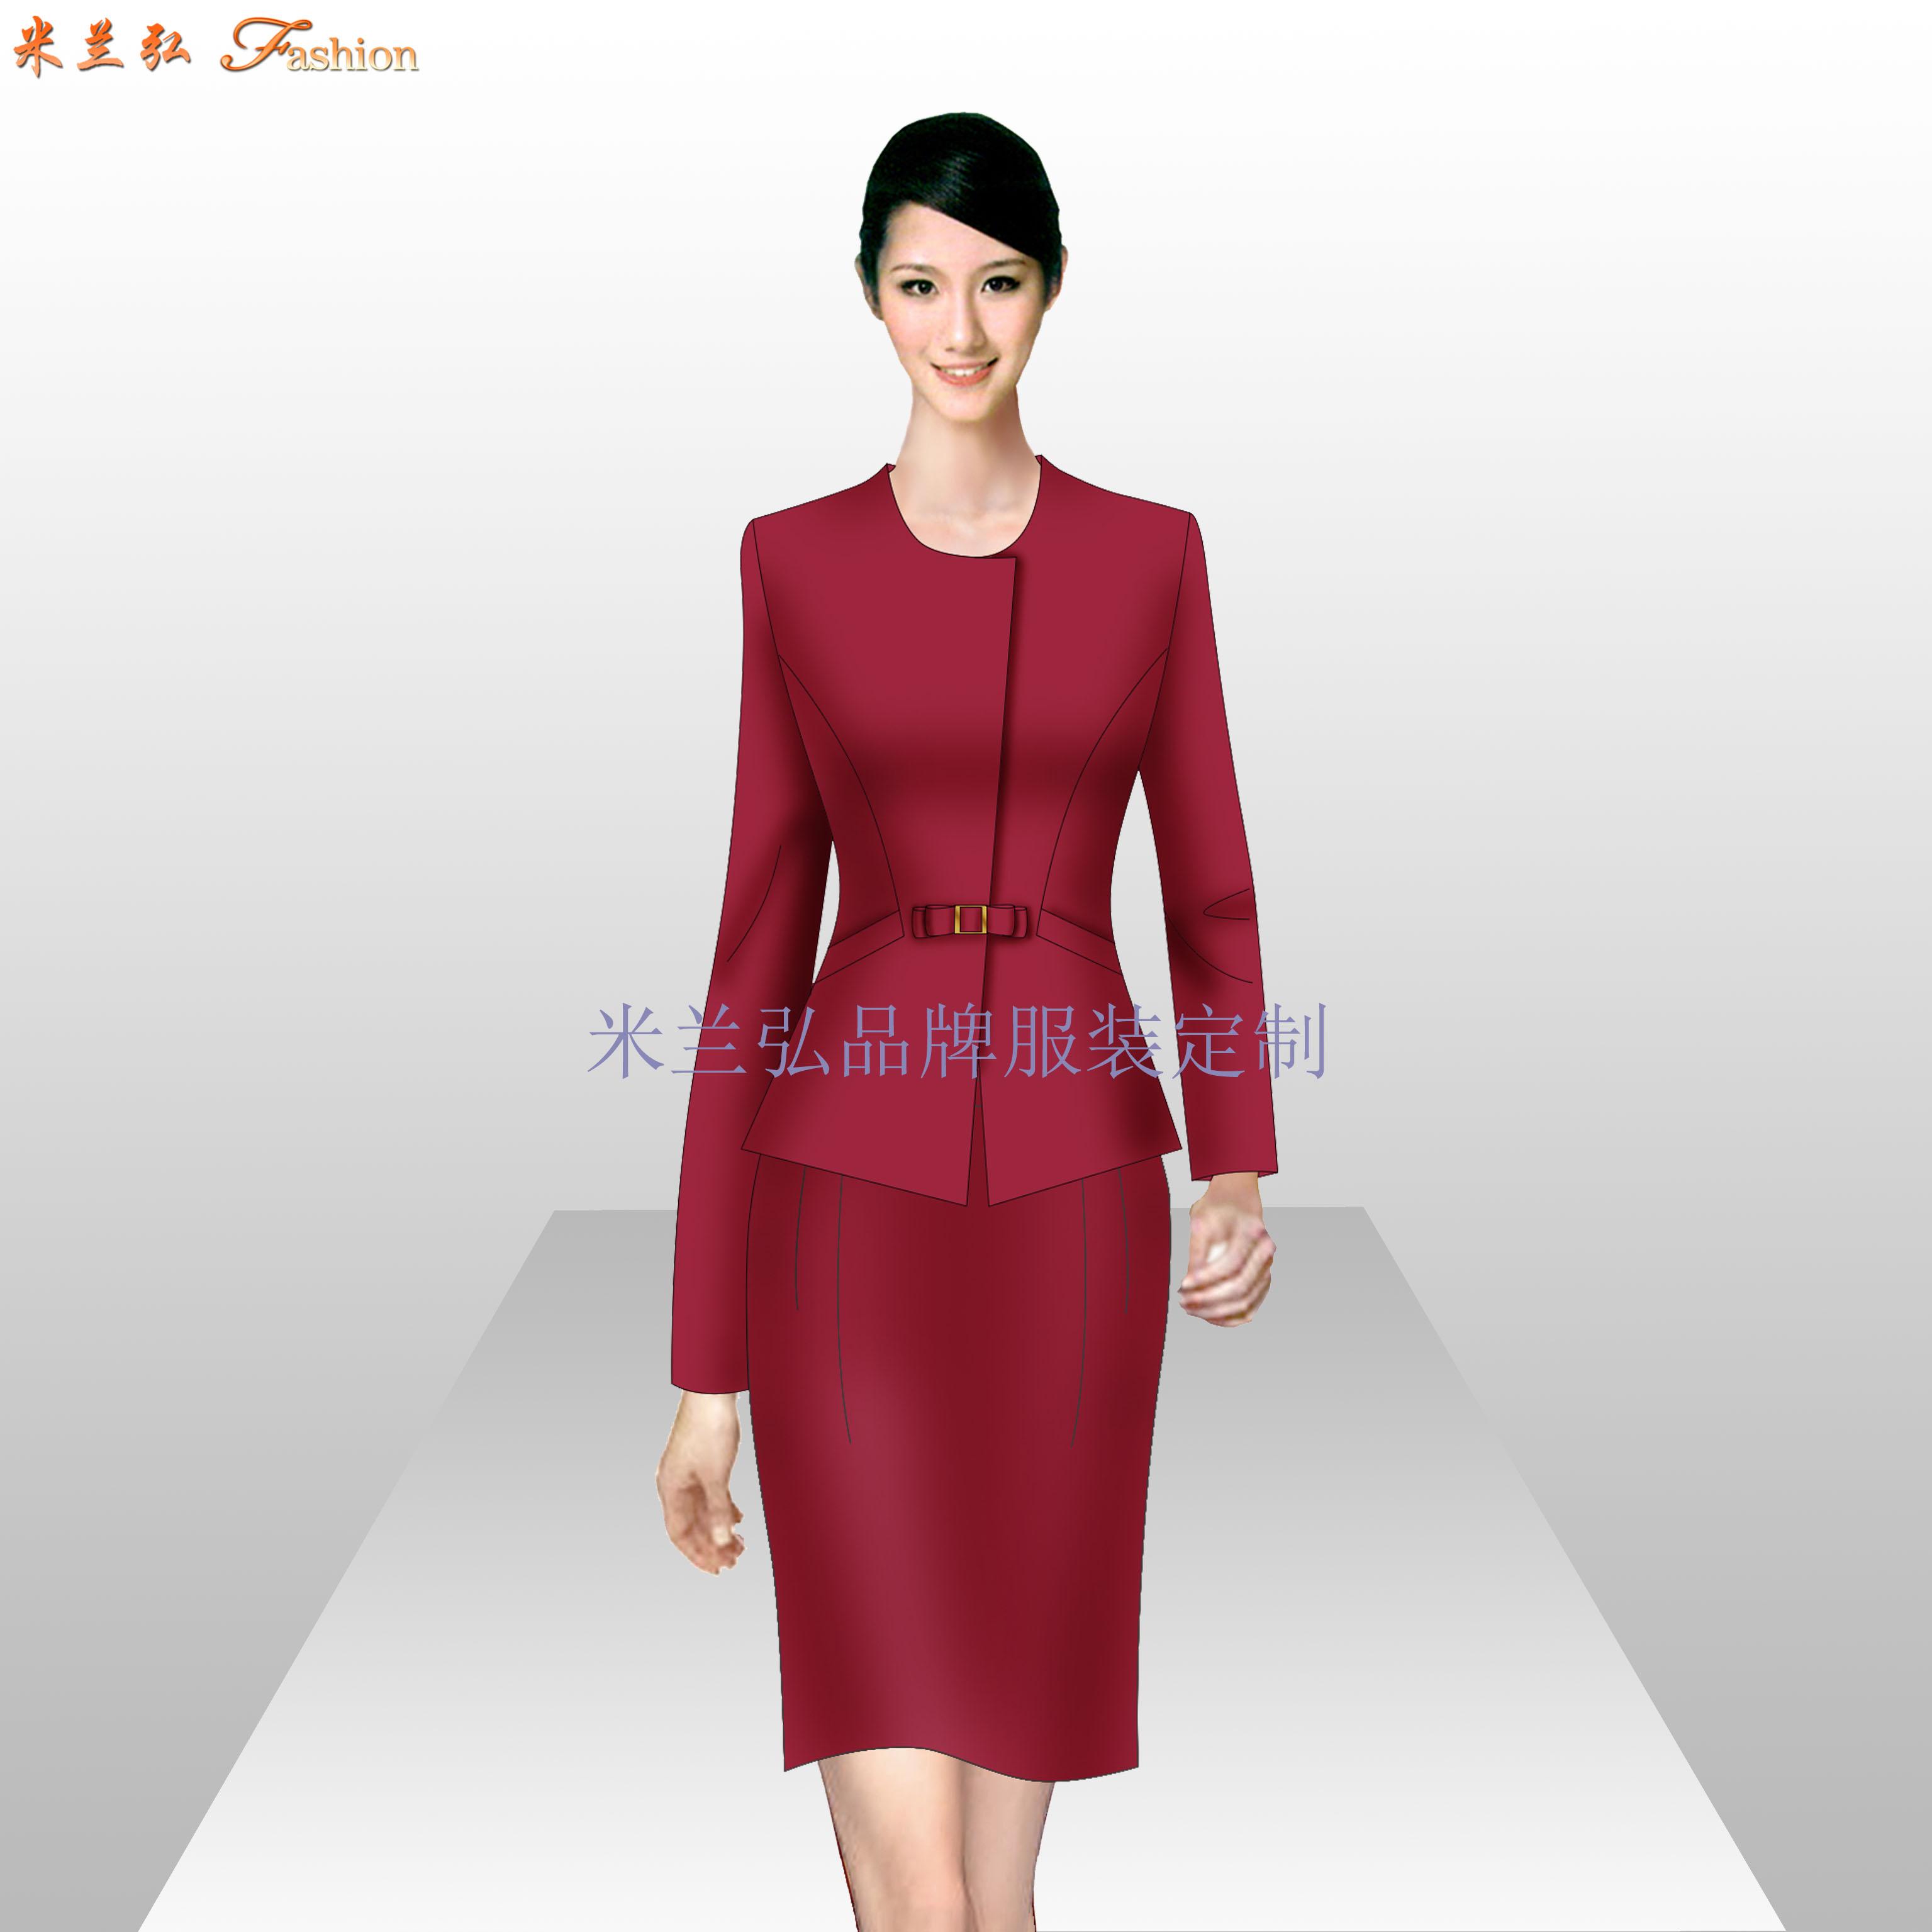 貴州職業裝定做-男女士職業裝訂做廠家-米蘭弘服裝-3